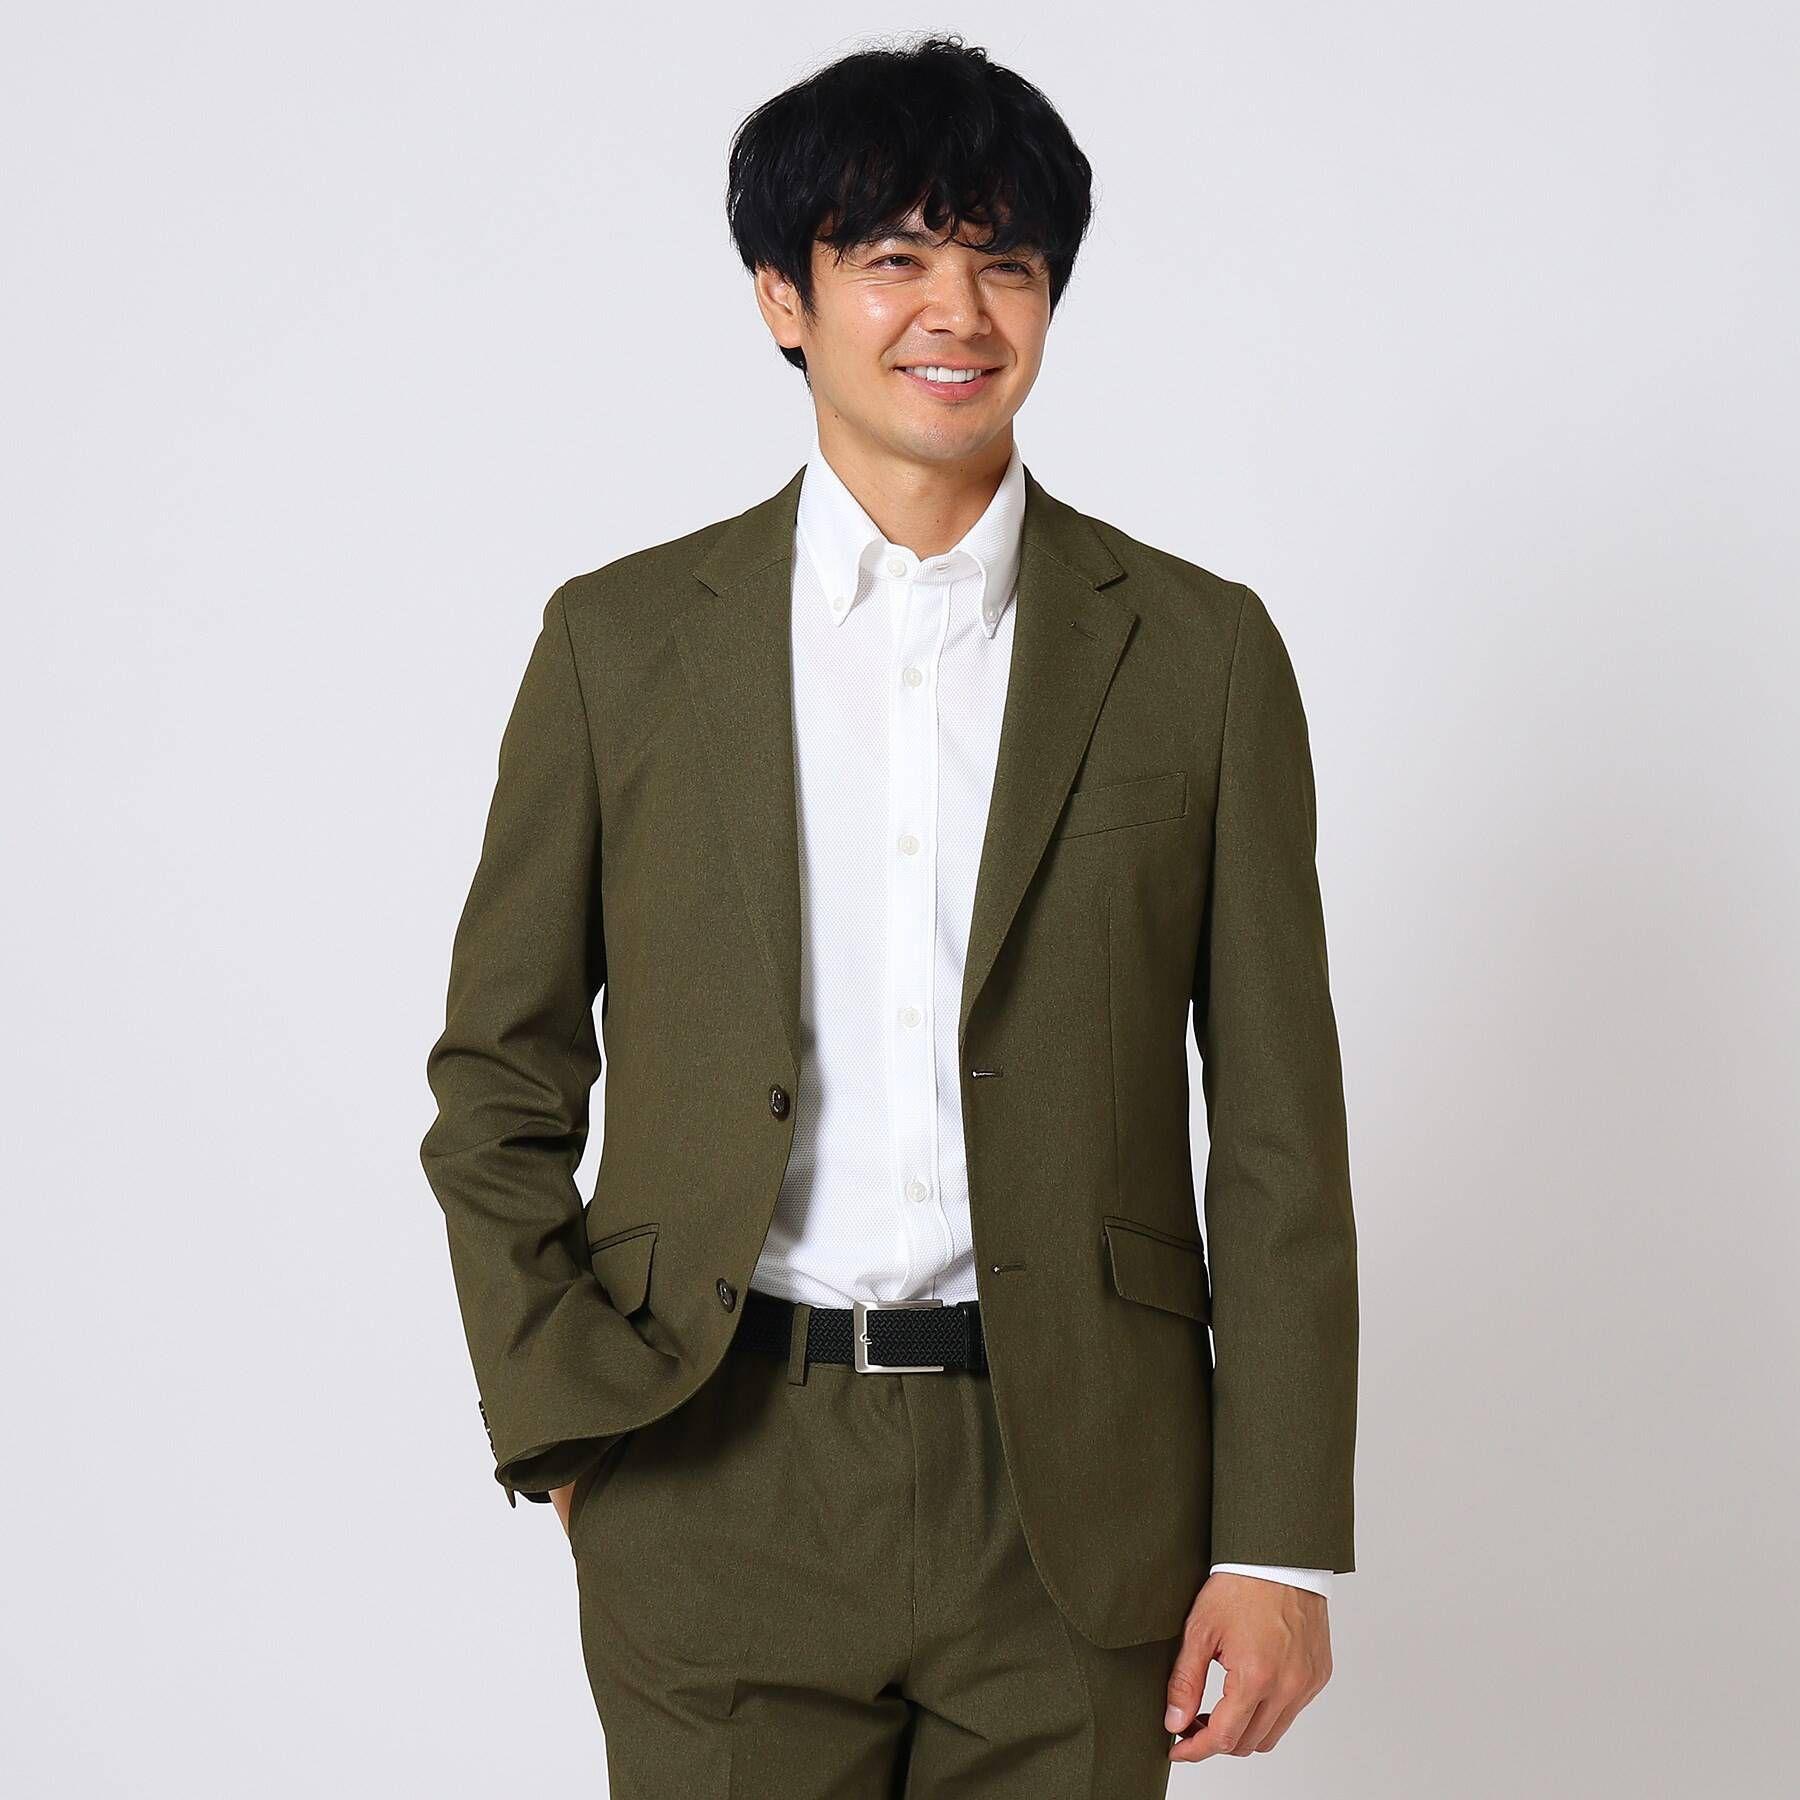 集英社 HAPPY PLUS STOREで買える「TAKEO KIKUCHI(タケオキクチ:メンズ/【Sサイズ?】4WAYテックストレッチジャケット」の画像です。価格は19,800円になります。